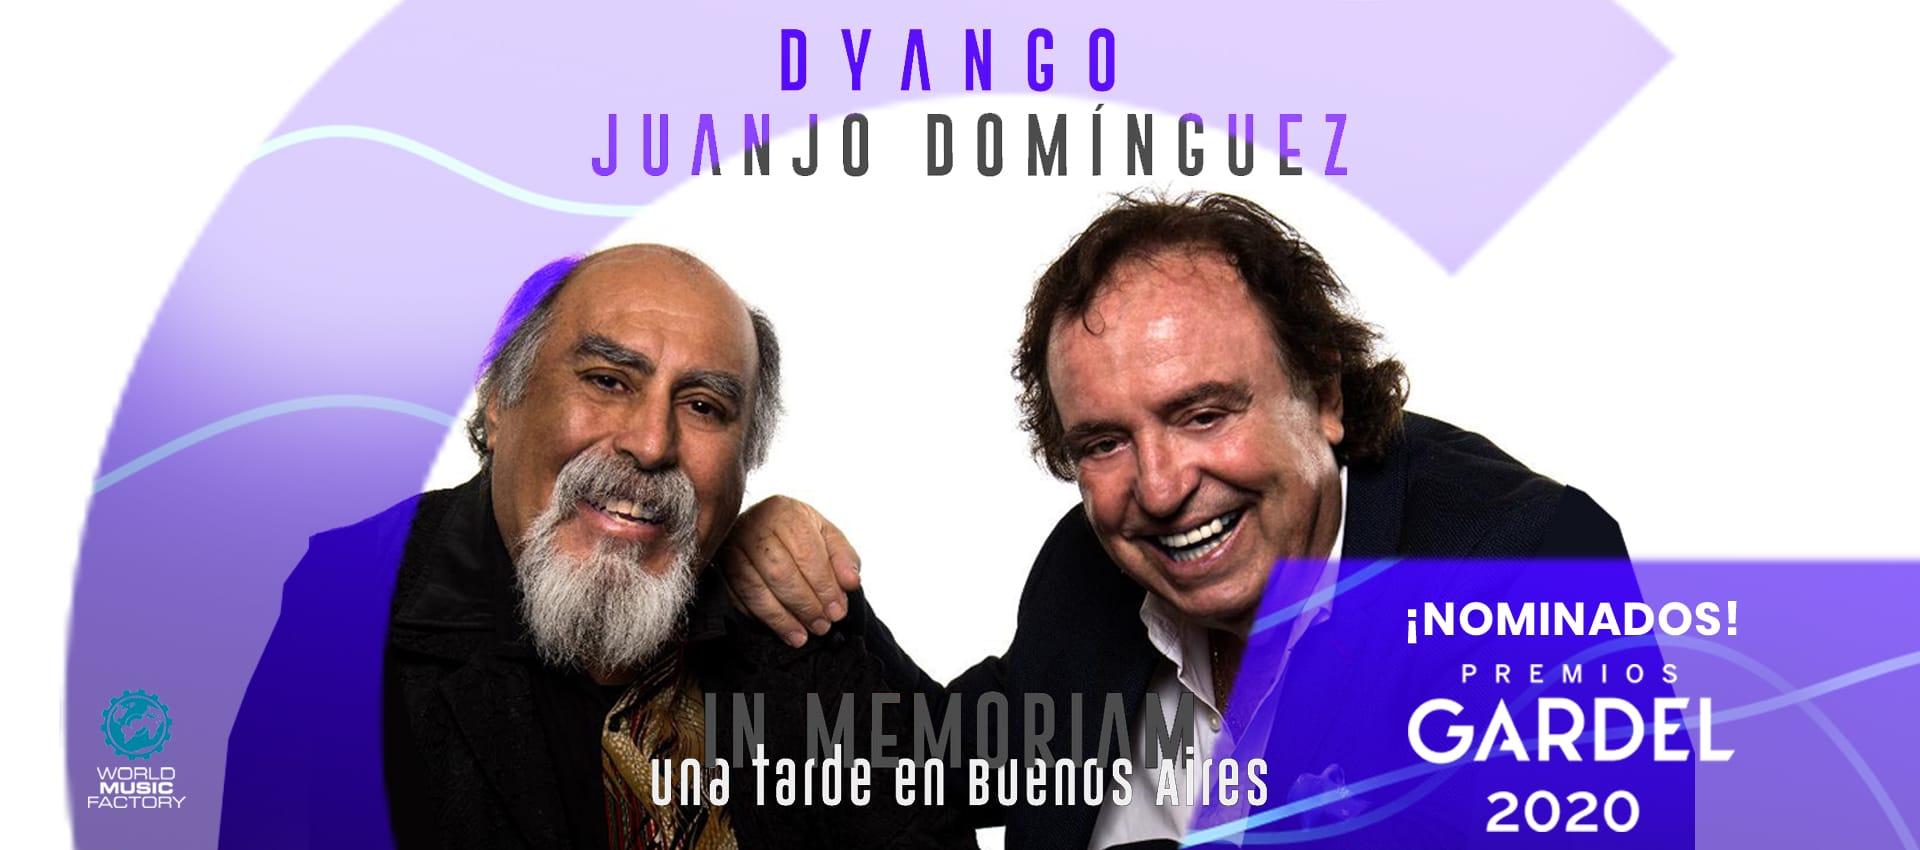 Dyango y Juanjo Dominguez